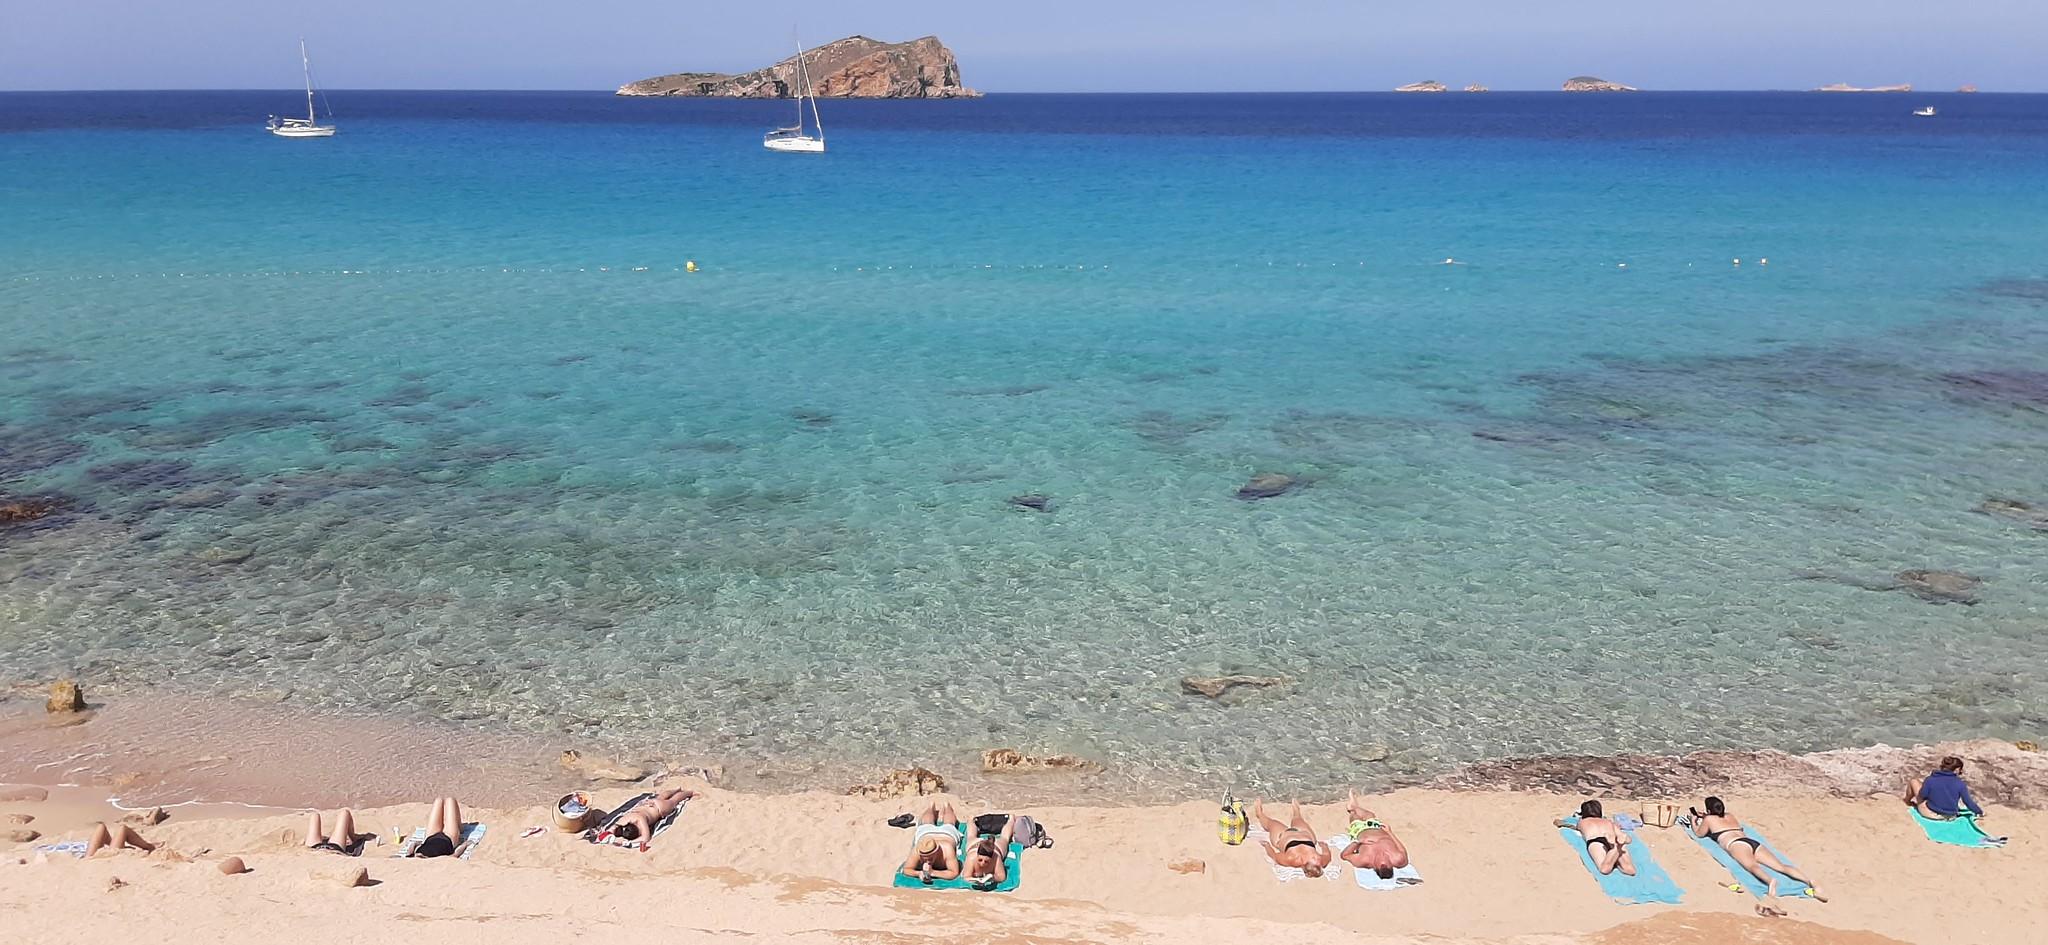 Cala Conta y Cala Escondida, Ibiza, 26 de mayo 2021